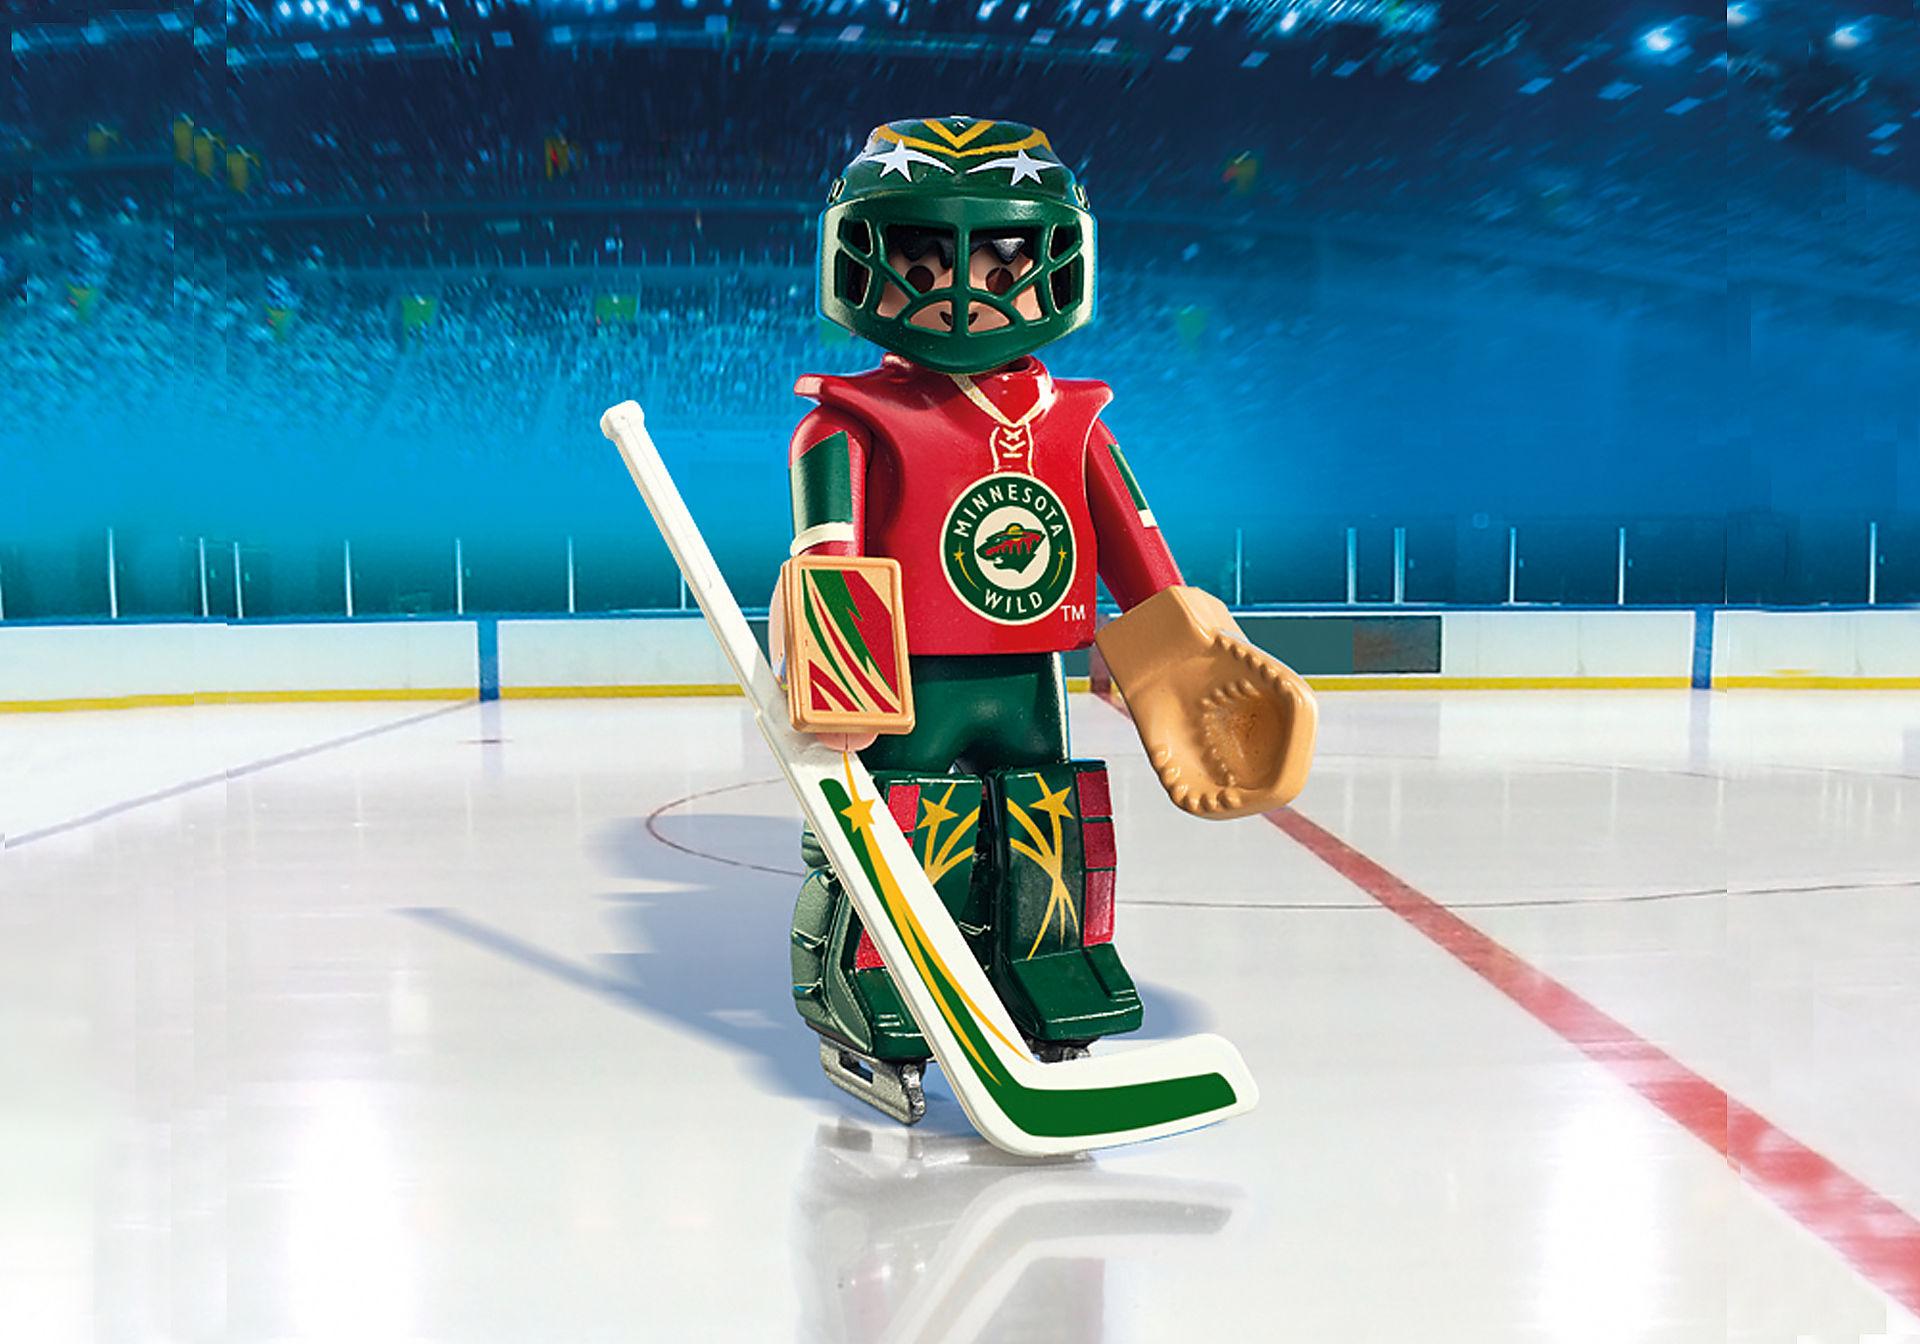 9038 NHL™ Minnesota Wild™ Goalie zoom image1